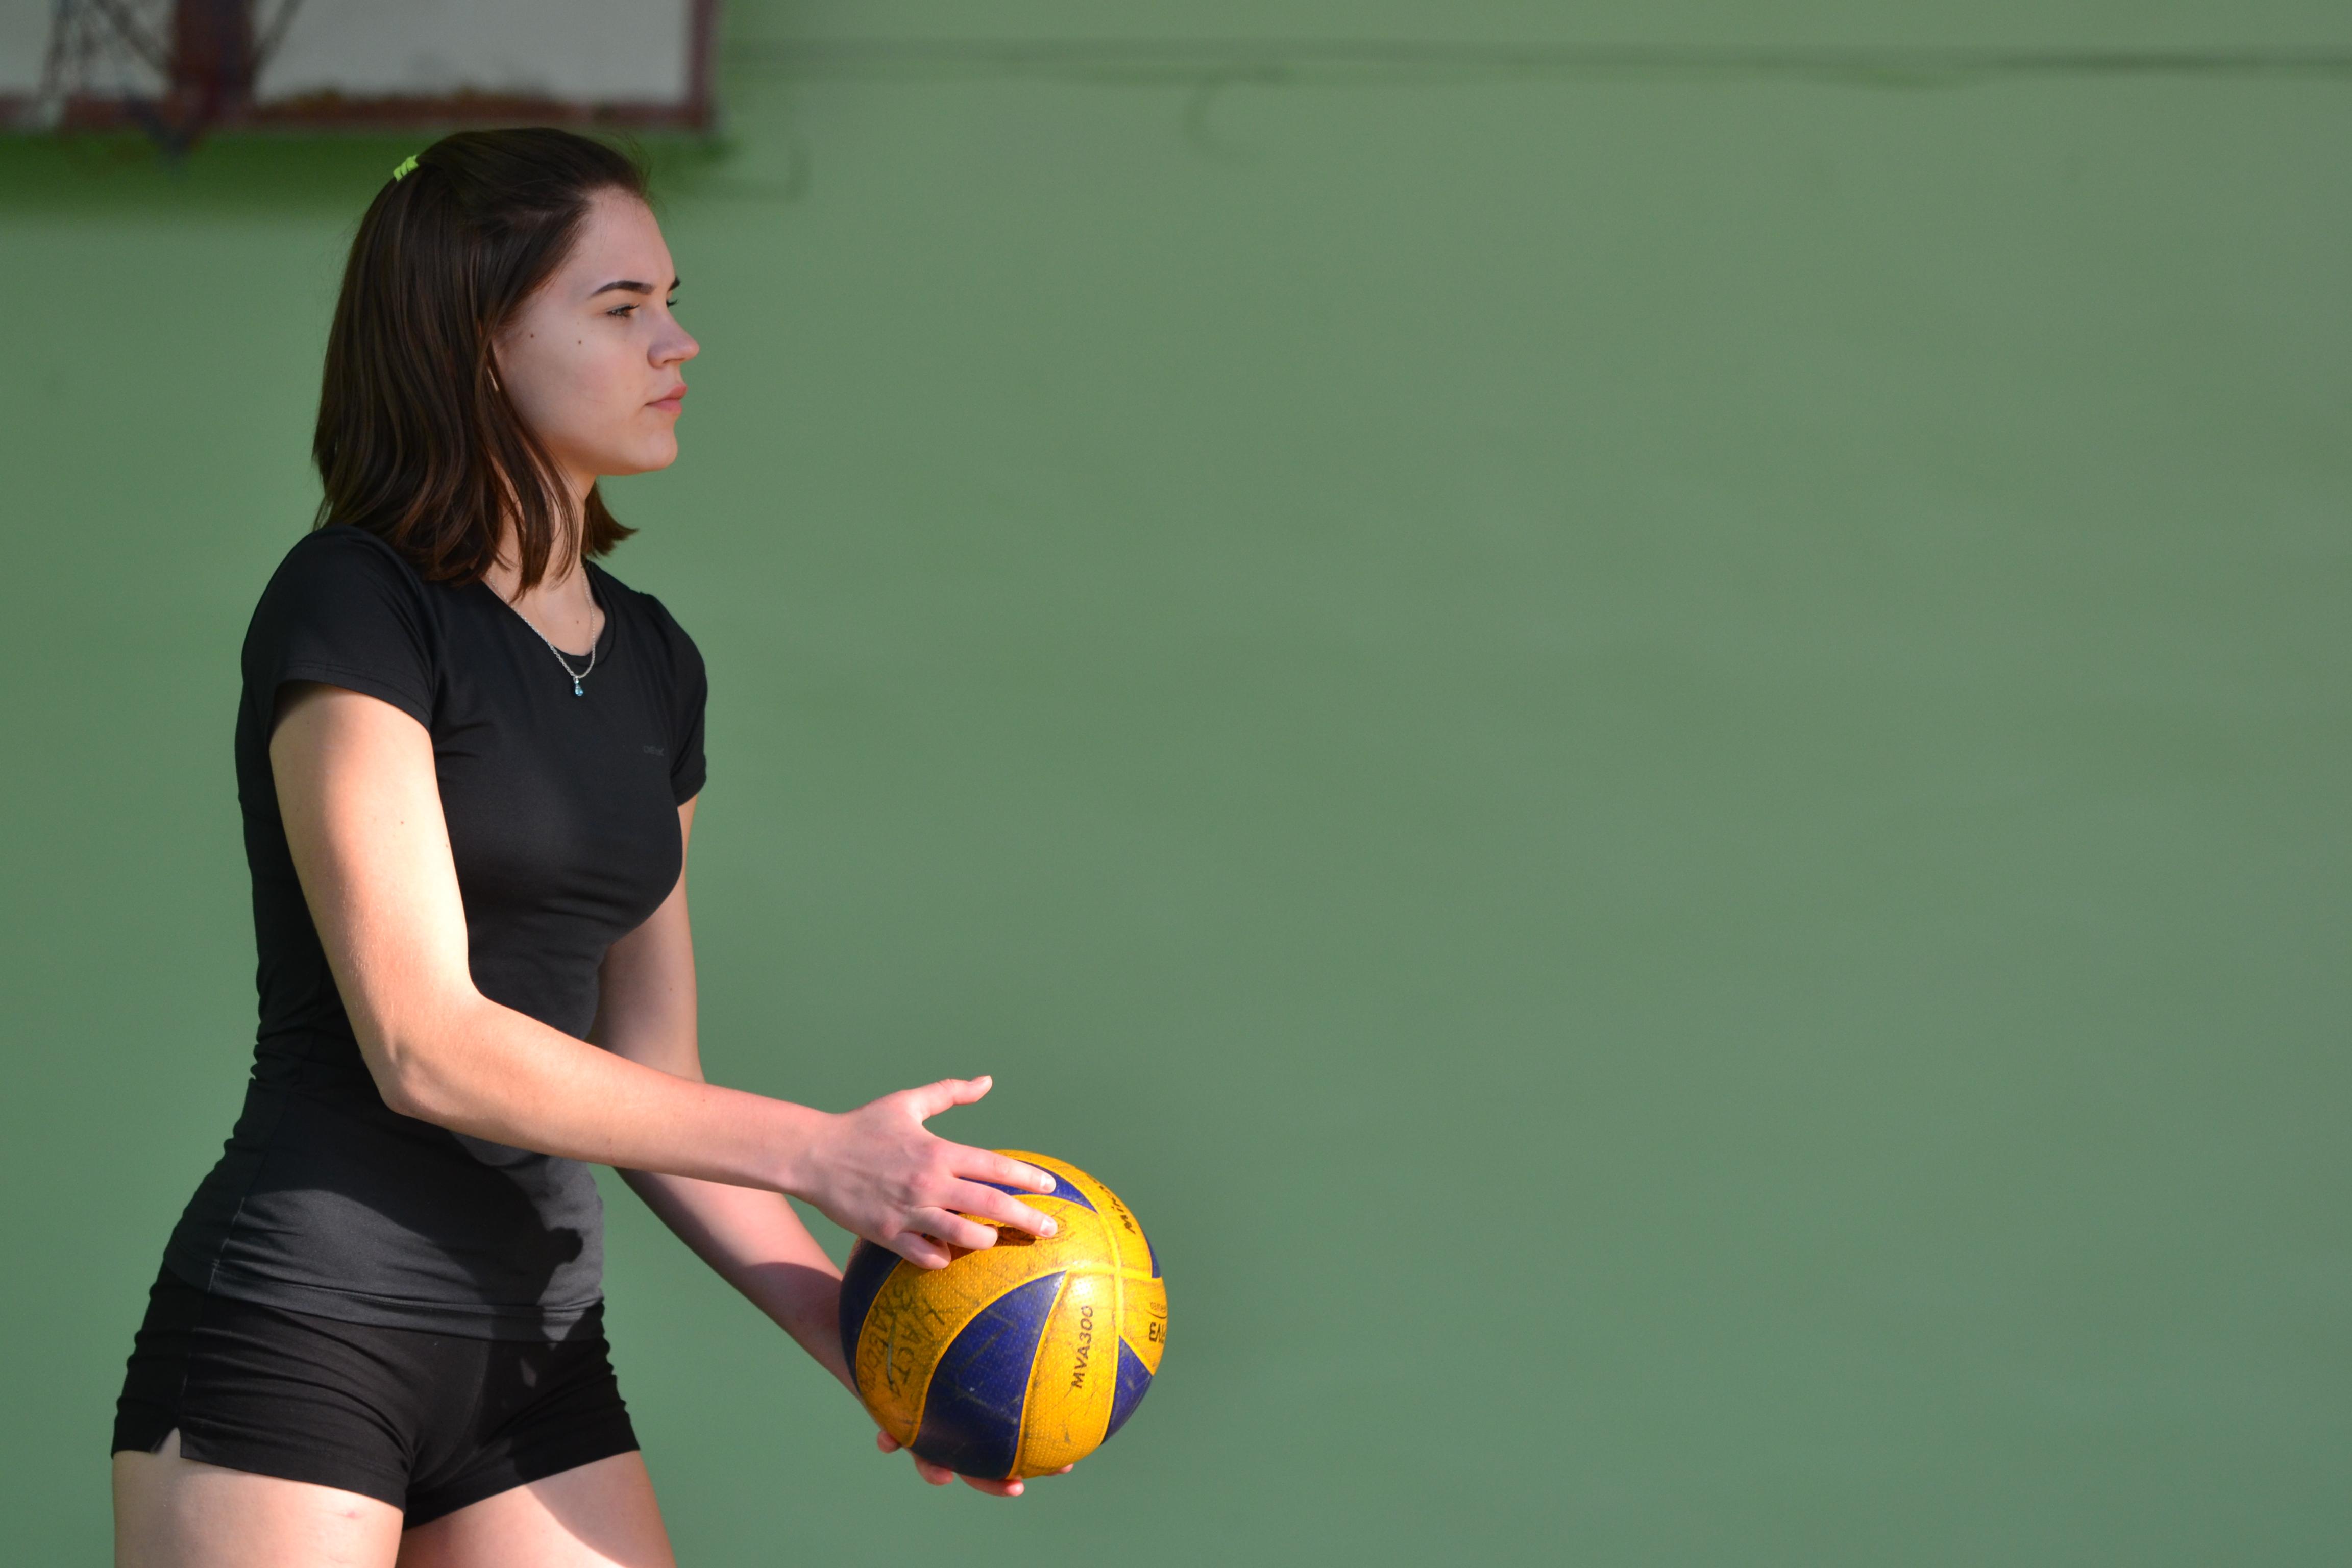 Телка на волейболе, Девчонки устроили обнаженный волейбол на пляже 8 фотография